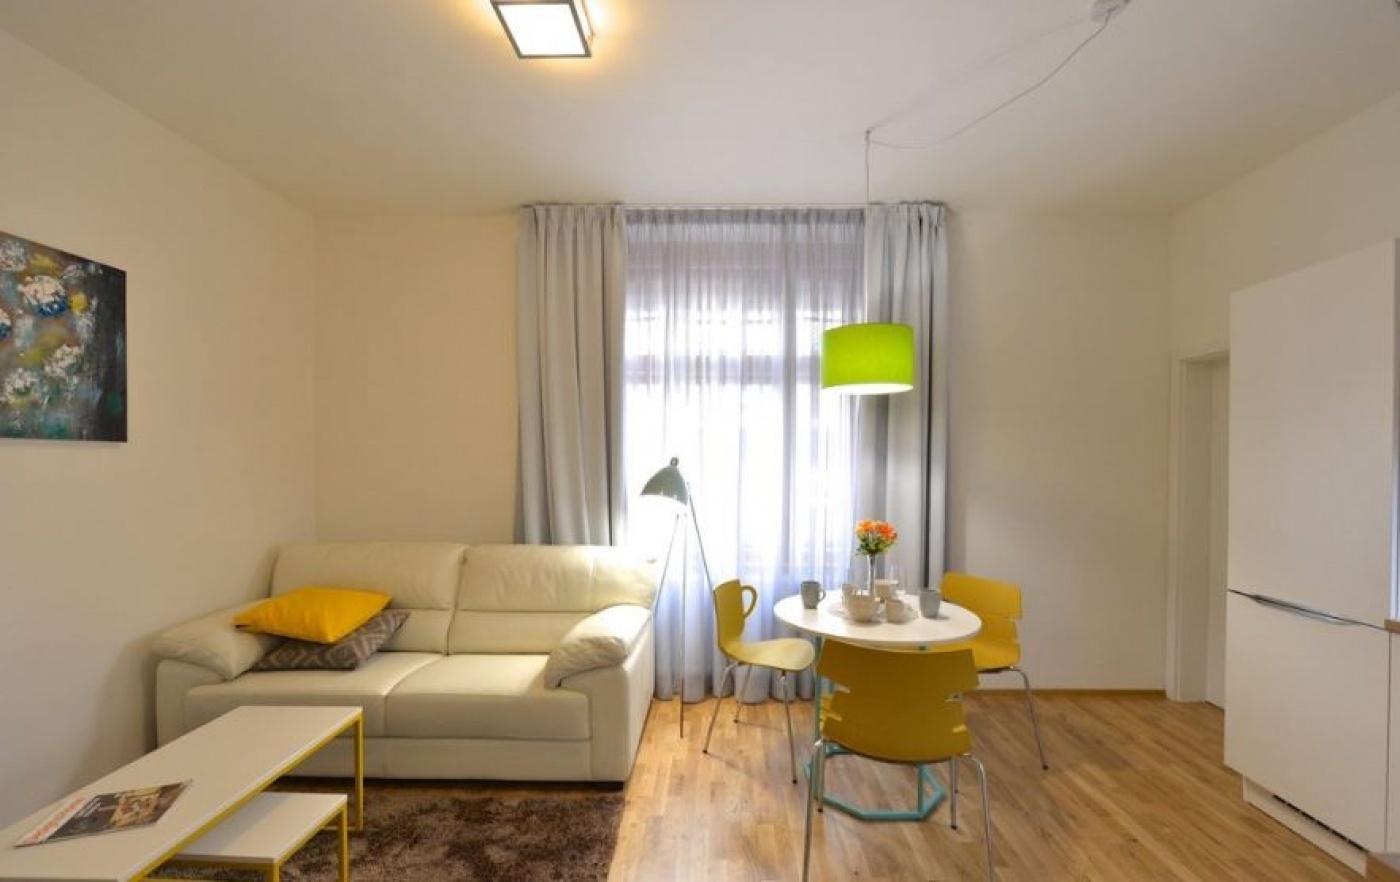 Půdní byt 2+kk, plocha 77 m², ulice Lihovarská, Praha 9 - Libeň, cena 6 117 000 Kč | 5